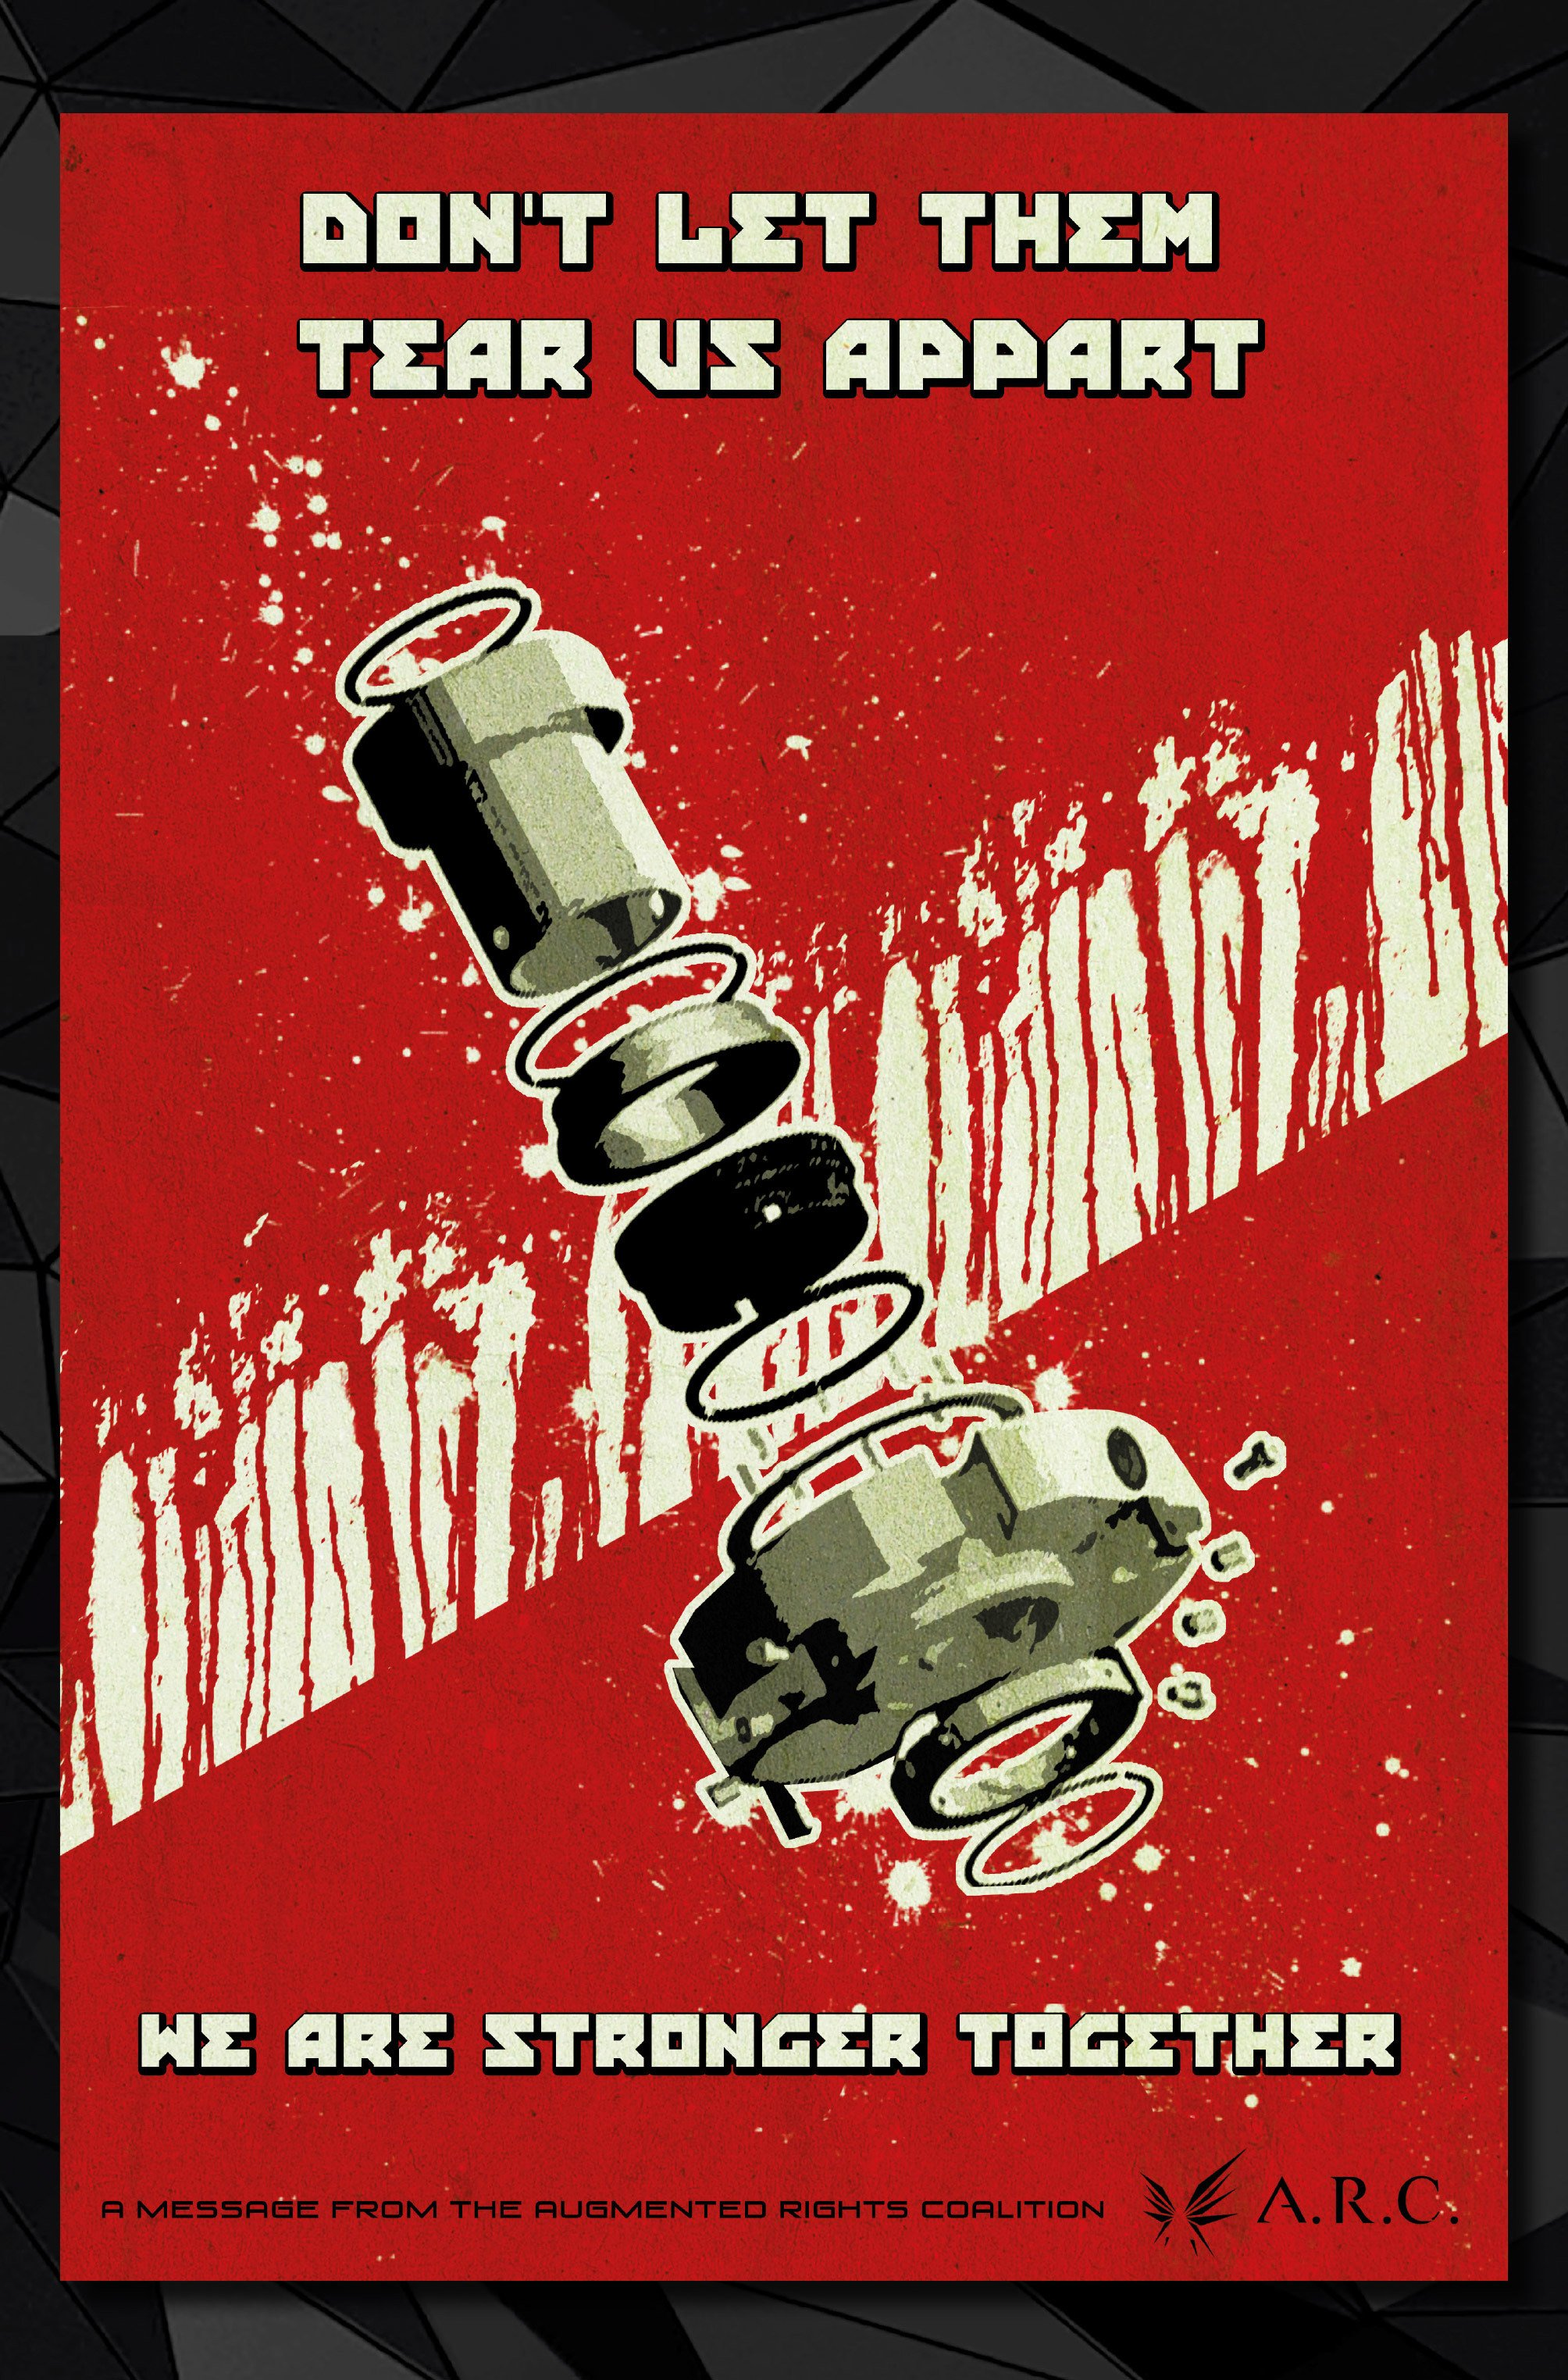 Агитплакаты Deus Ex, которые можно найти в комикс-серии Deus Ex Universe - Children's Crusade. - Изображение 3